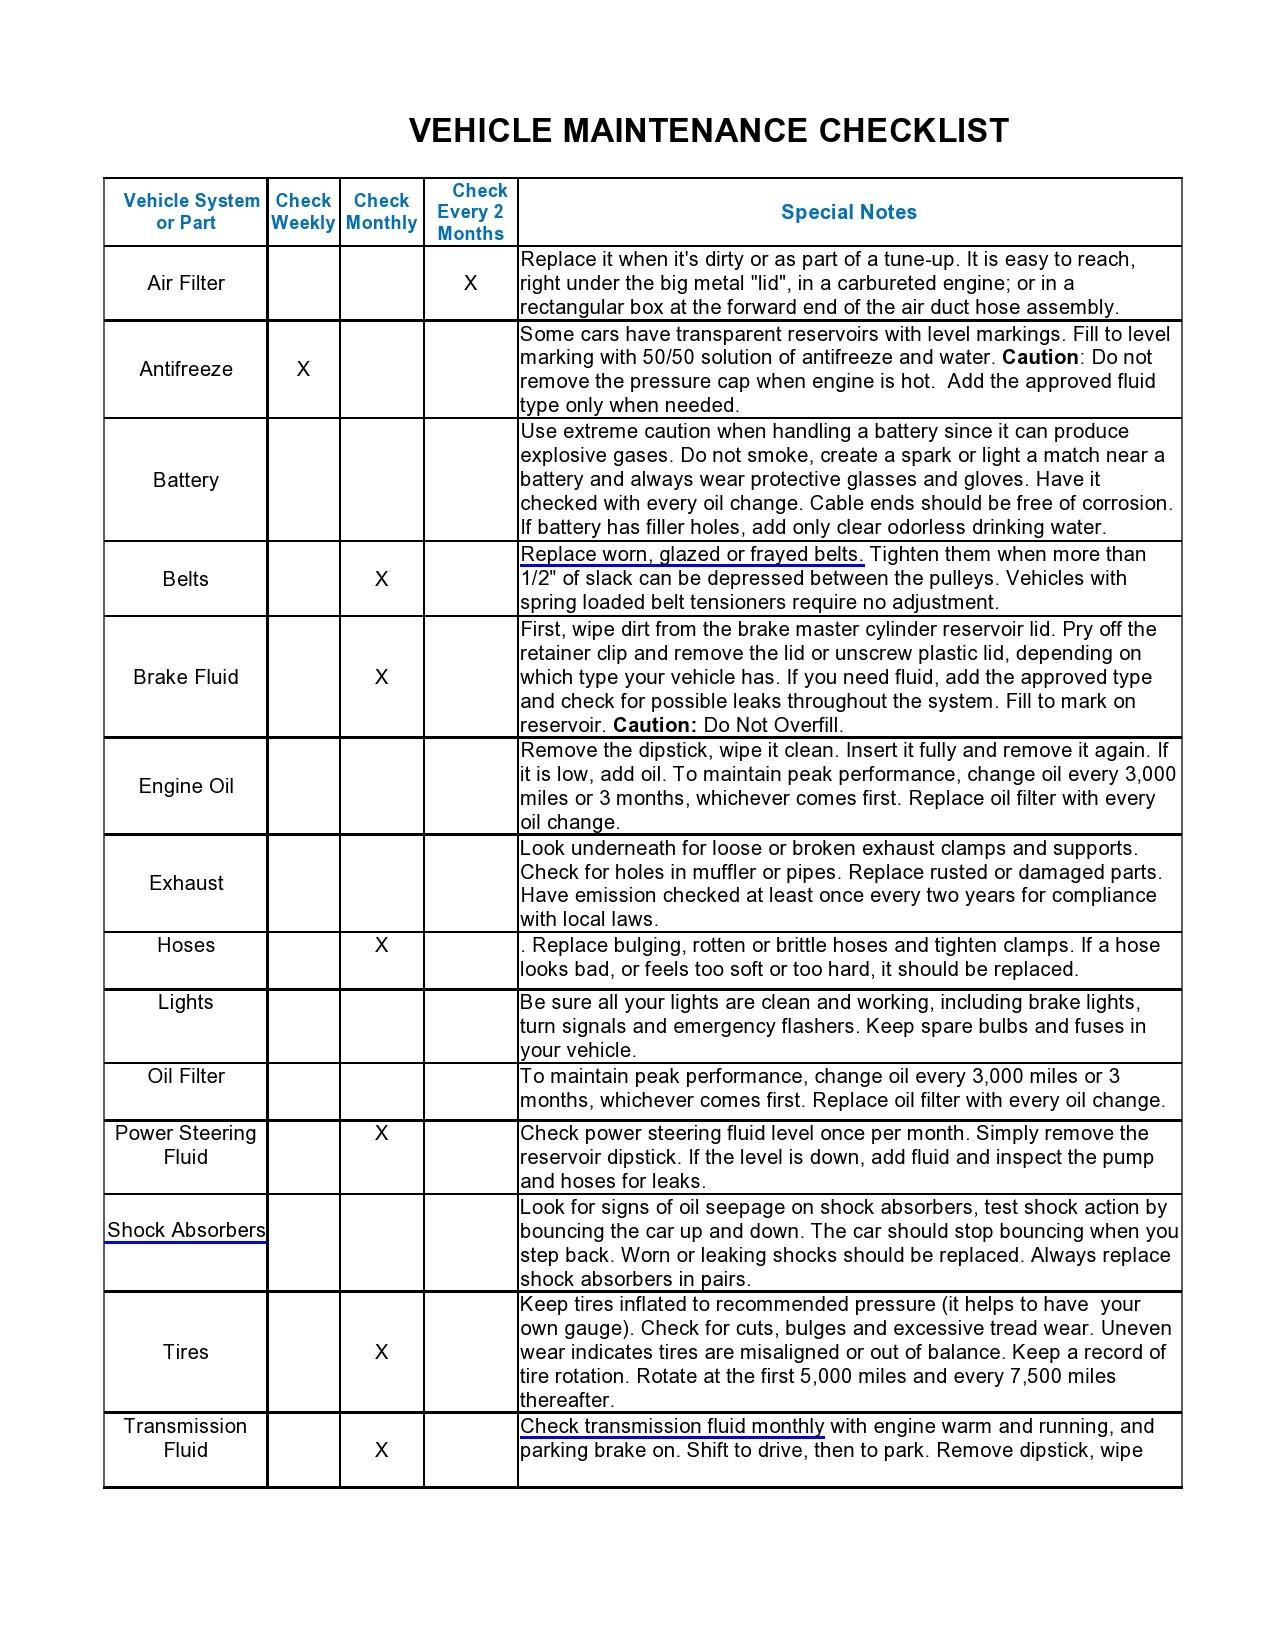 Free vehicle checklist 18